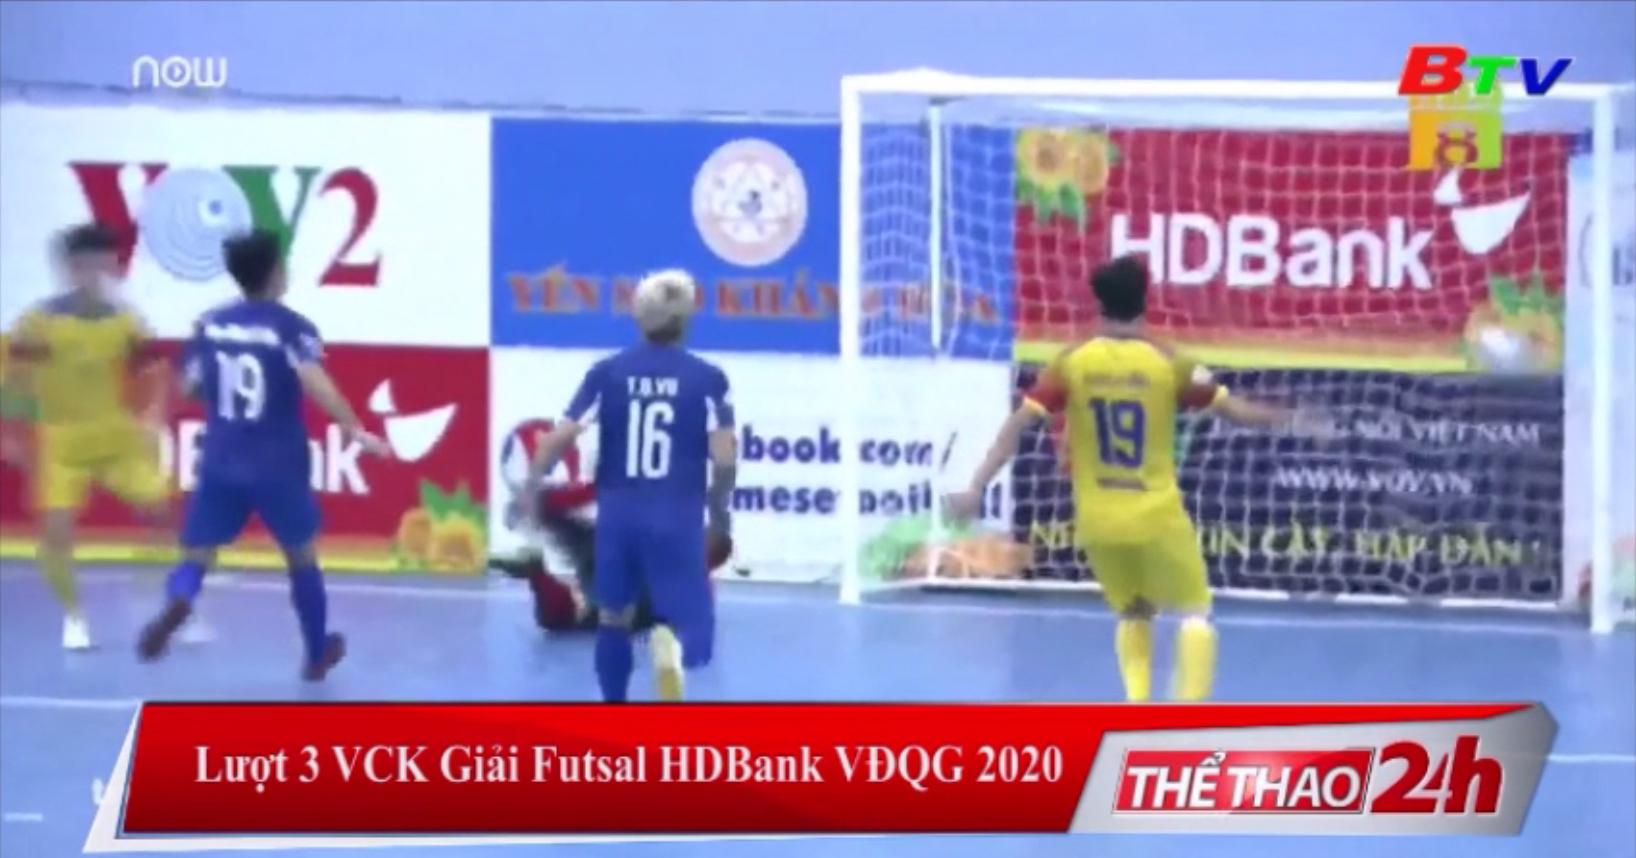 Lượt 3 VCK Giải Futsal HDBank VĐQG 2020